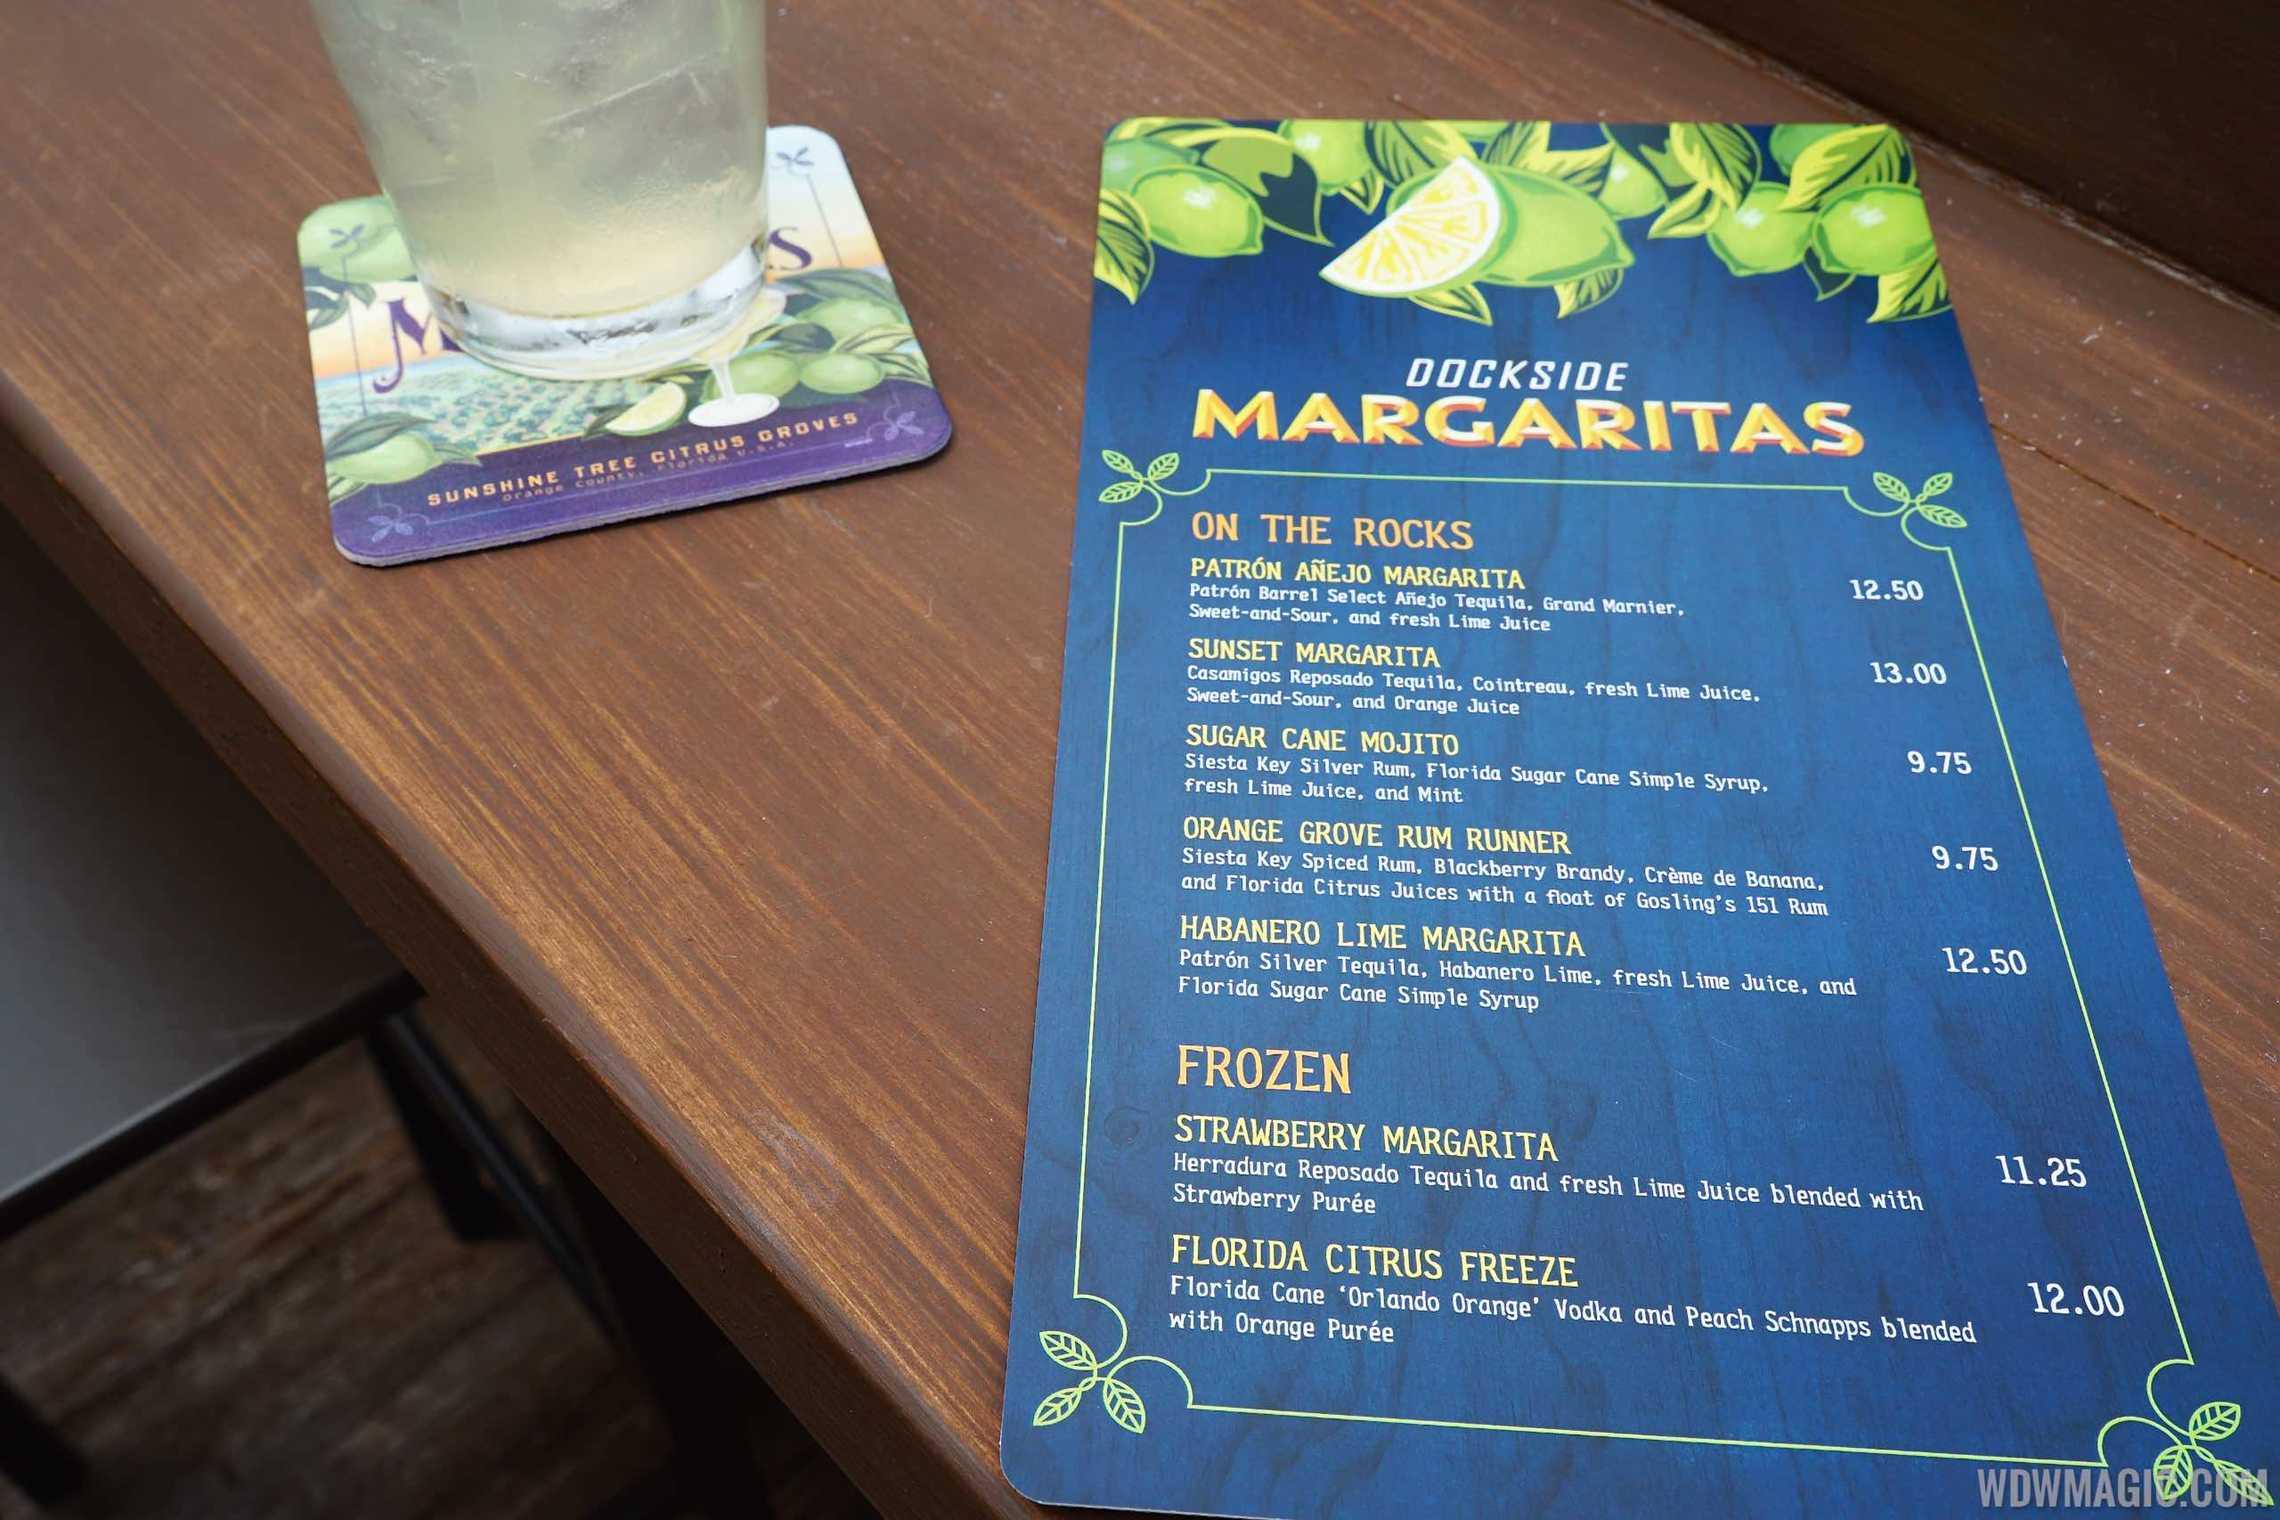 Dockside Margaritas - Menu